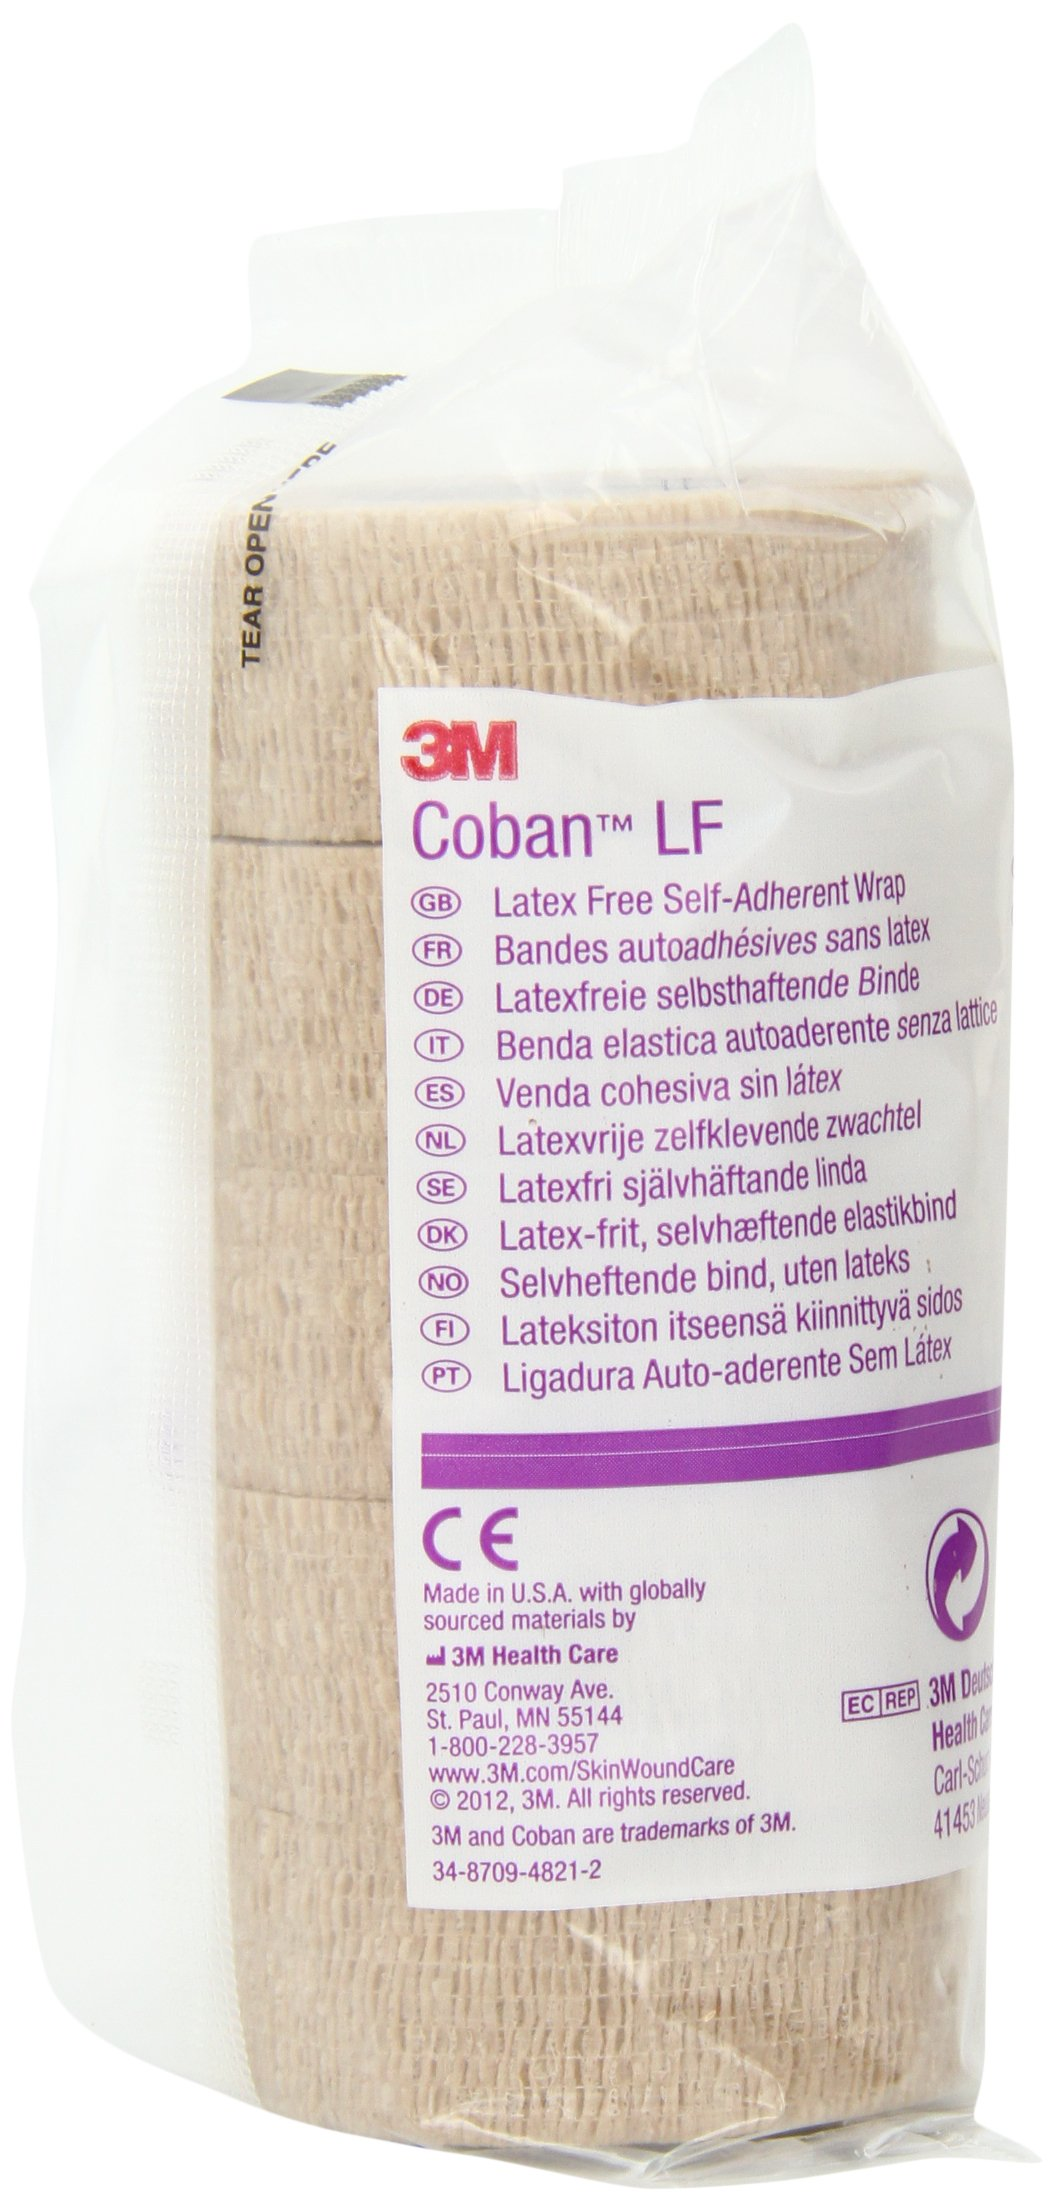 3M Coban LF Latex Free Self-Adherent Wrap 2081, 30 Rolls (Pack of 6)